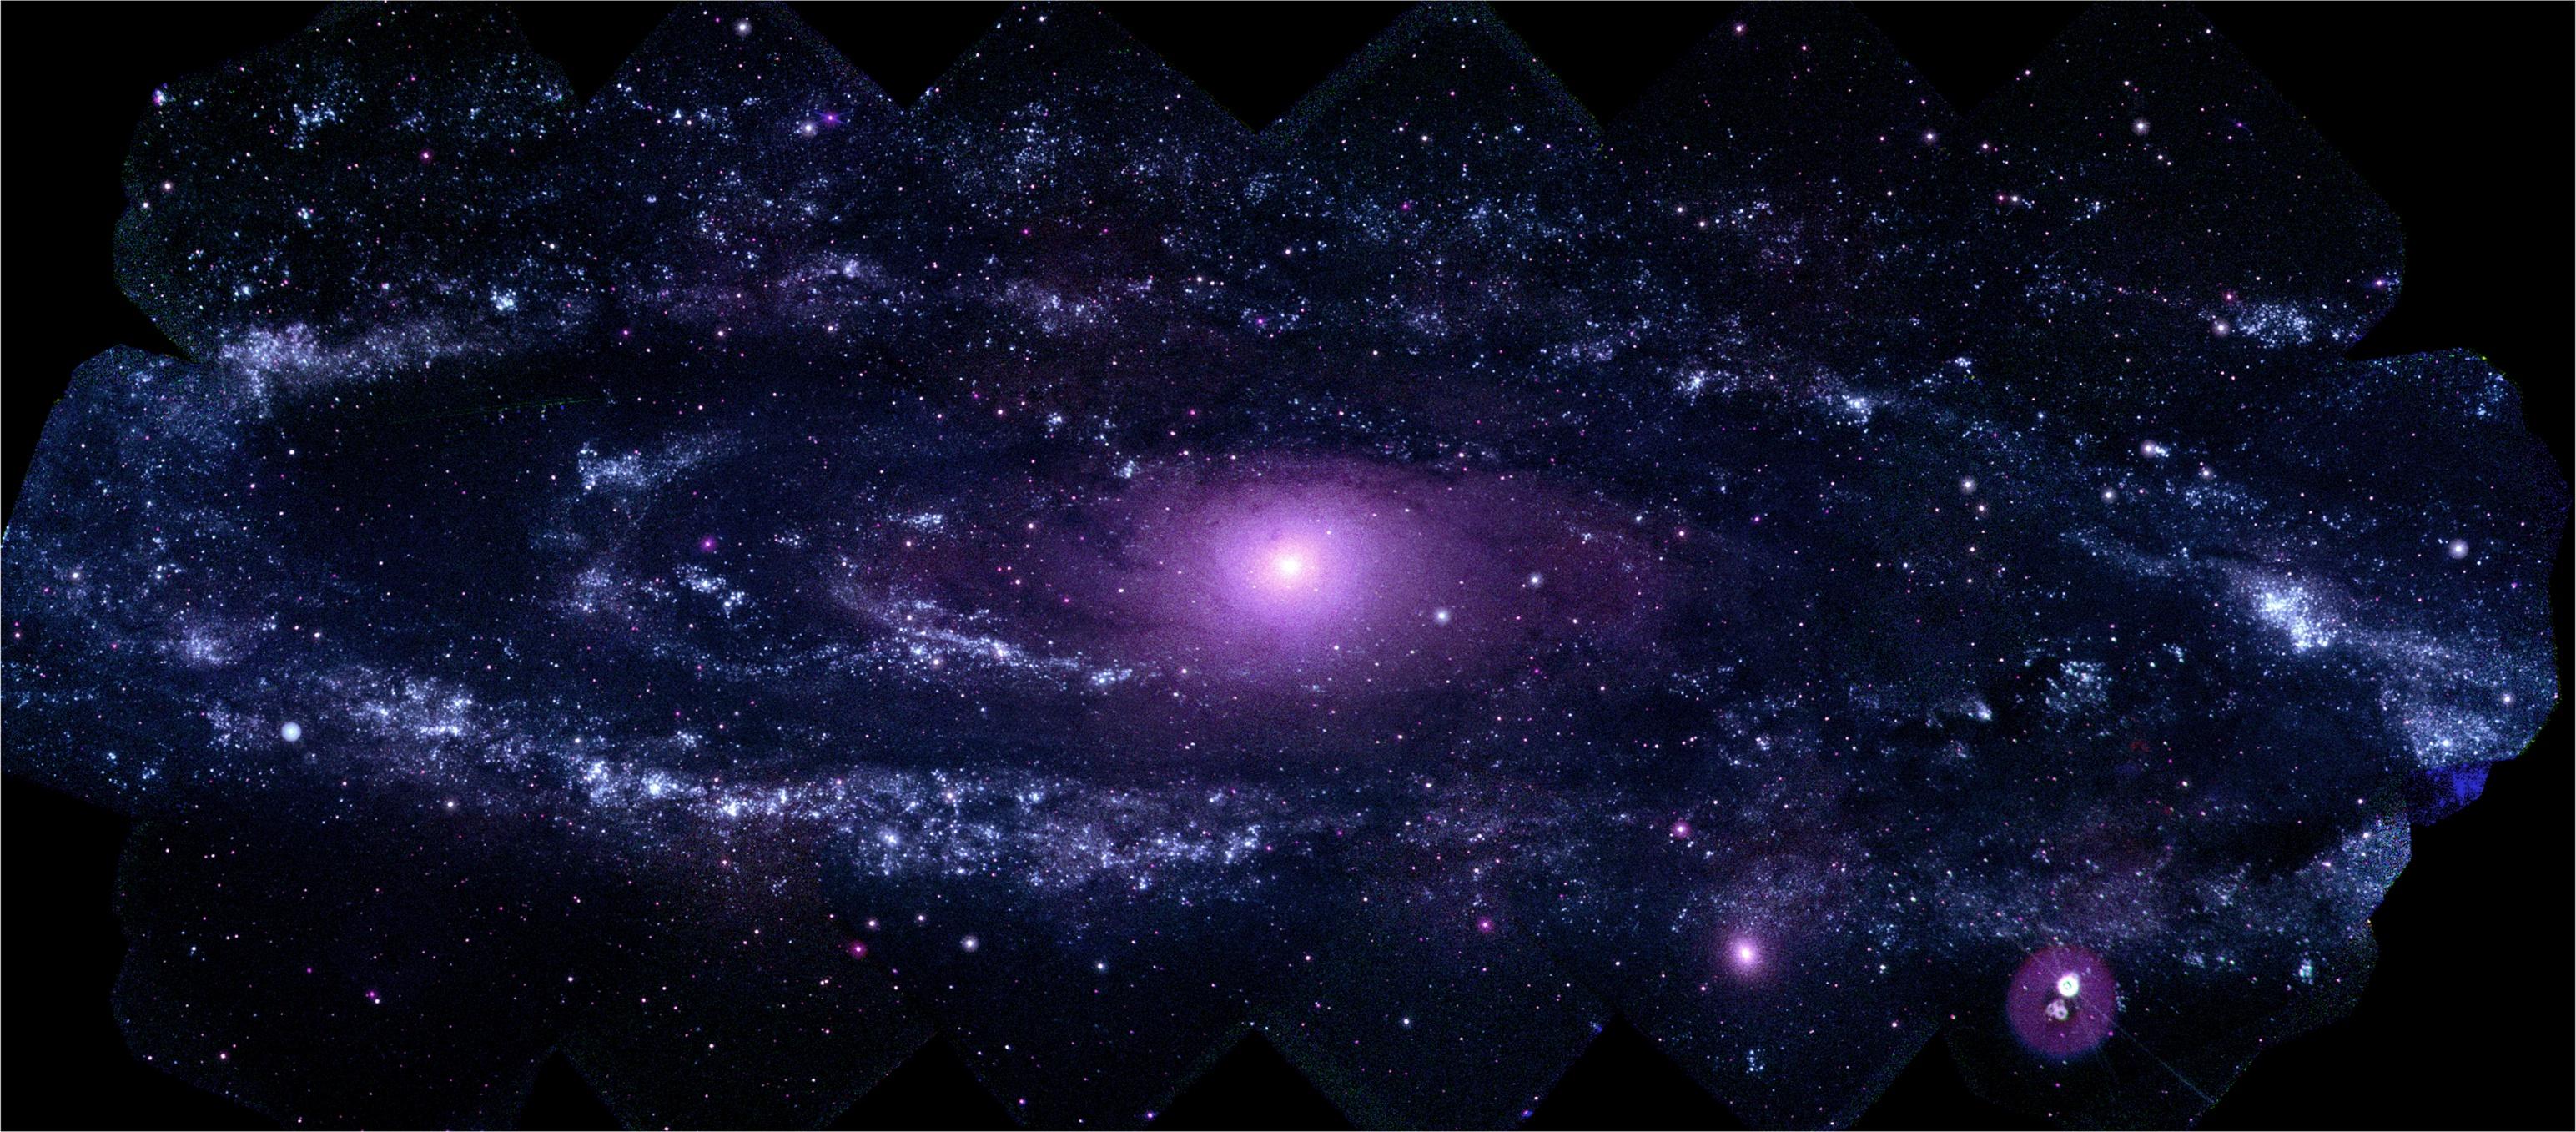 astrounatas